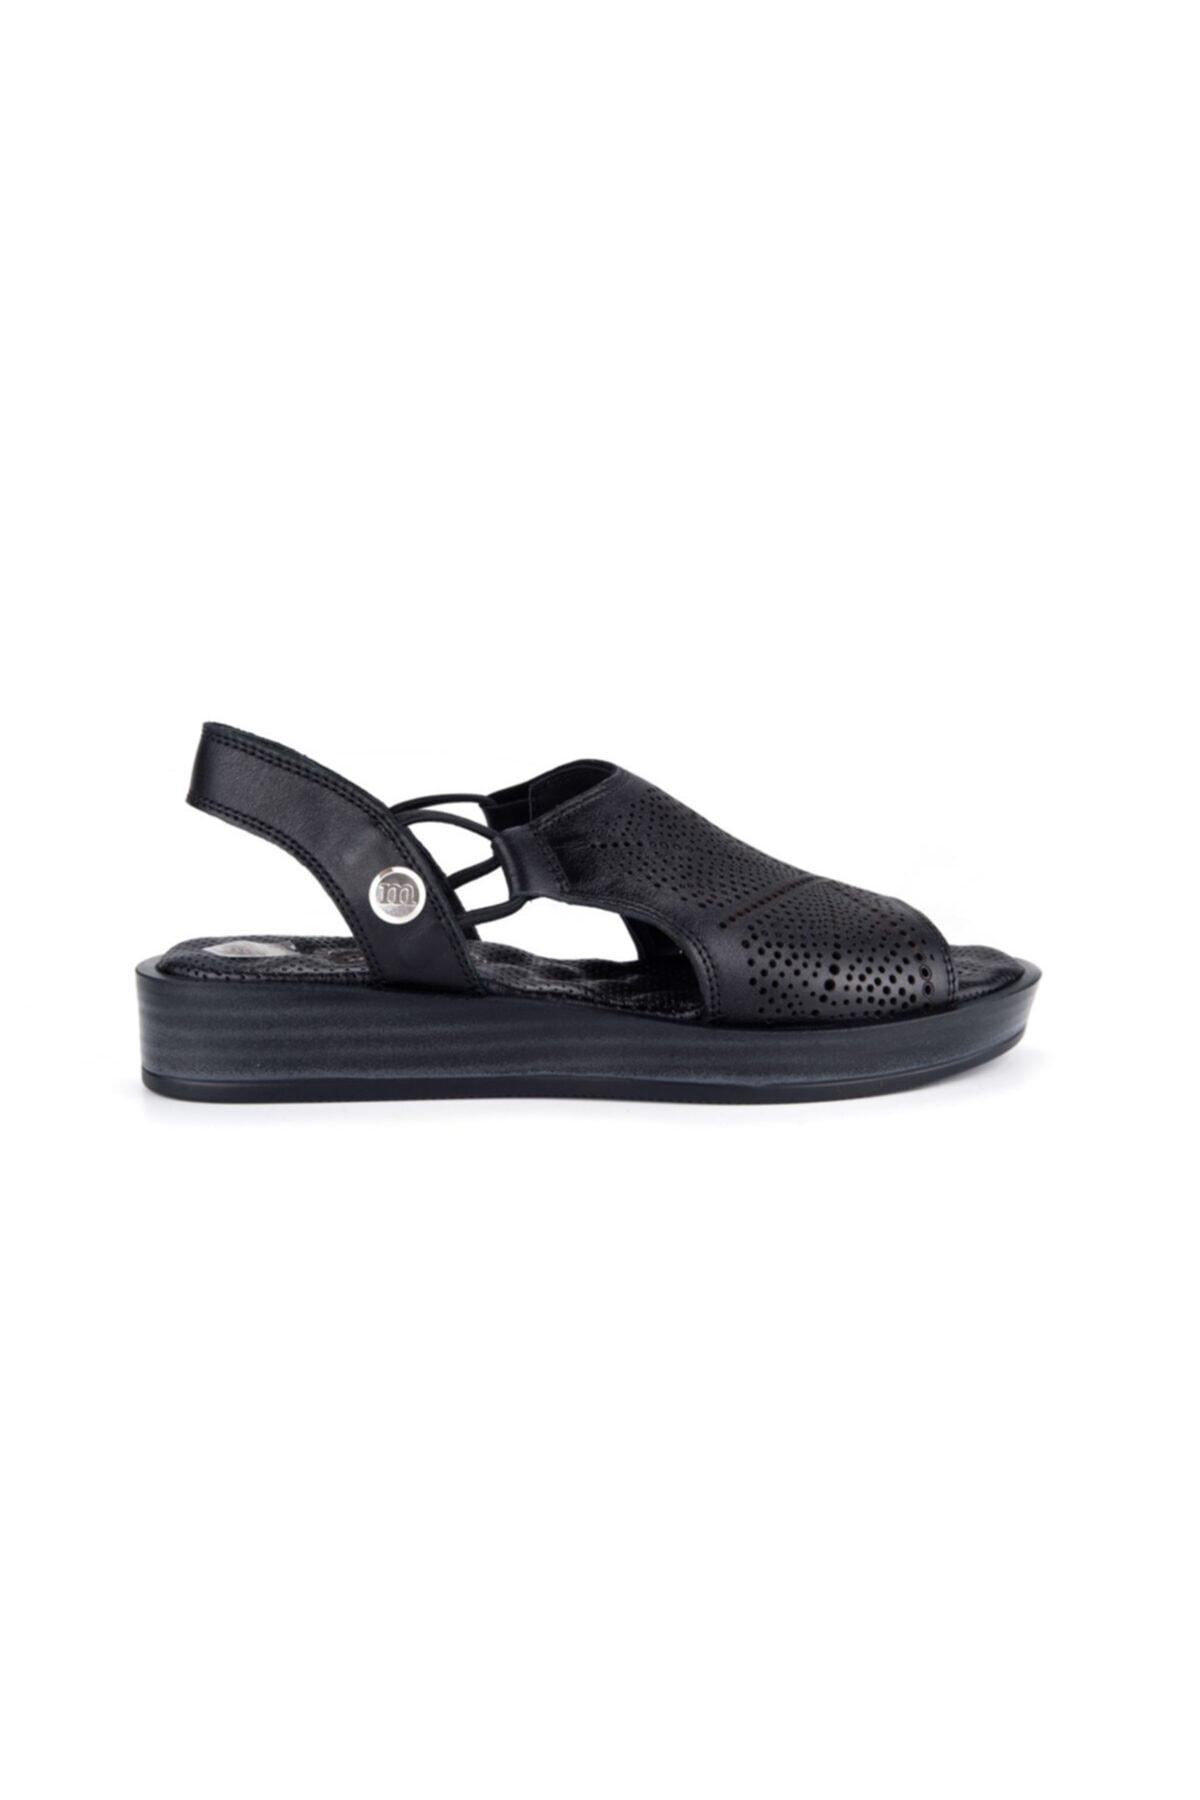 Mammamia Kadın Siyah Sandalet S1640 1